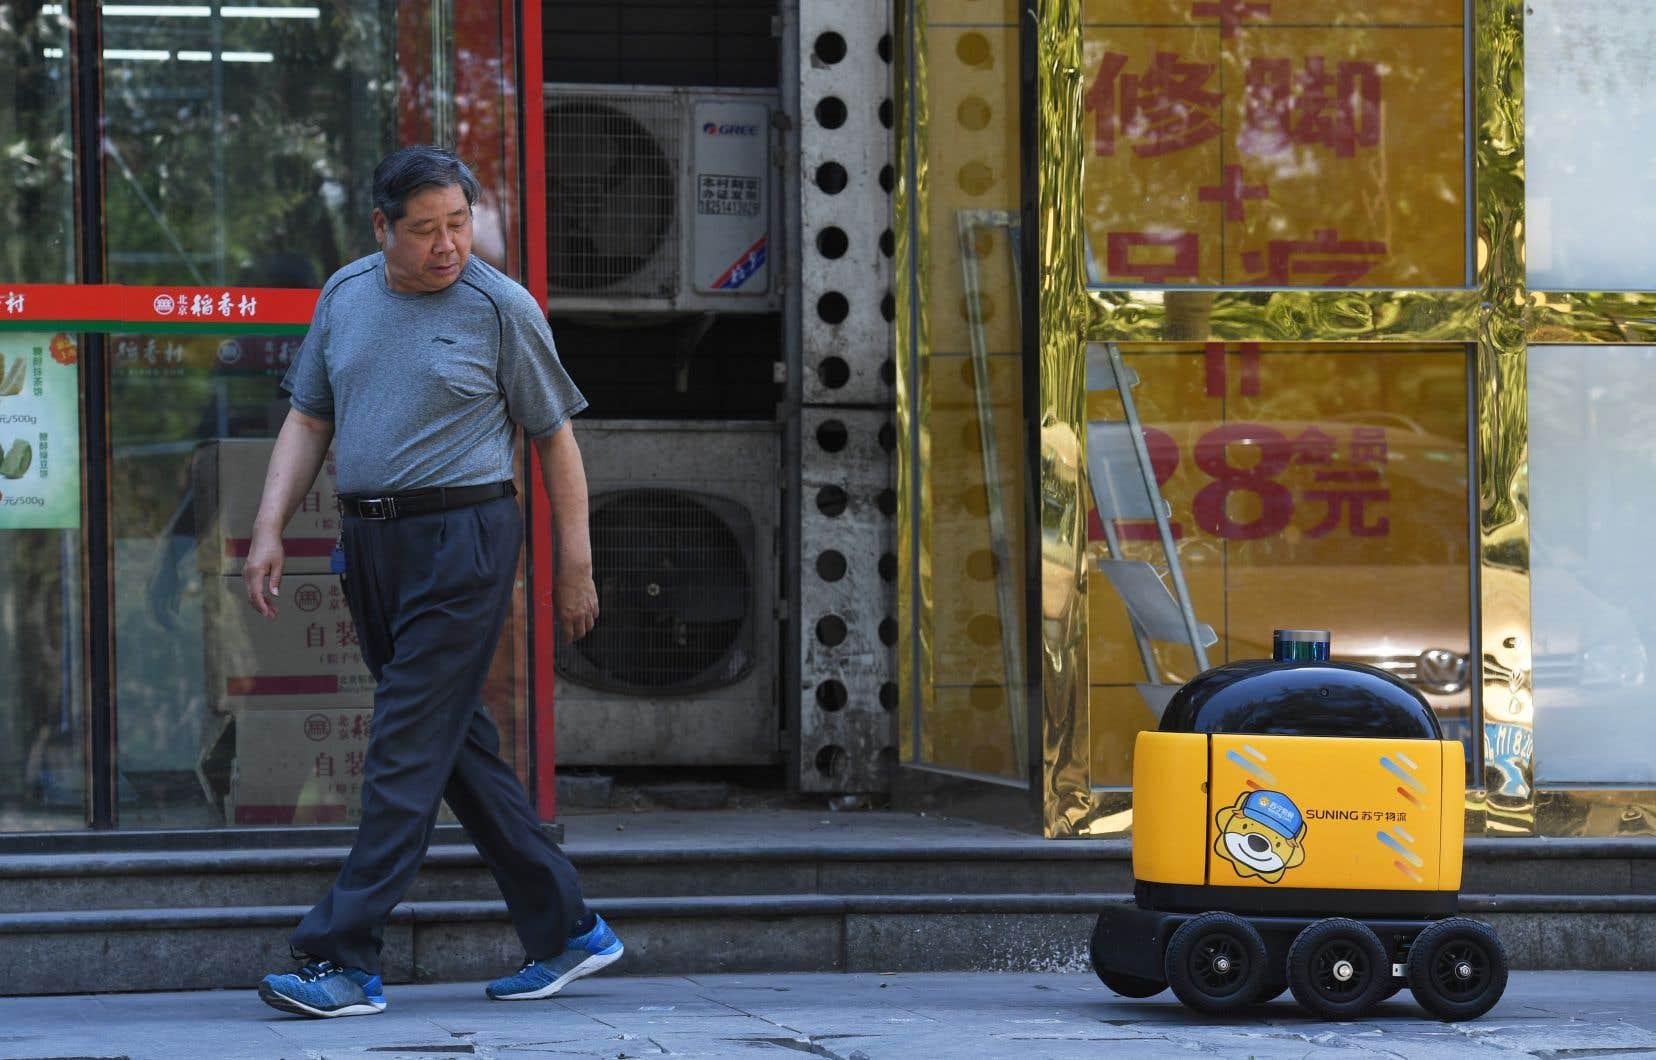 Ce cube jaune et noir est un robot de livraison autonome qui transporte les produits de base quotidiens comme des boissons, des fruits et des collations aux résidents du complexe «Kafka», à Pékin.